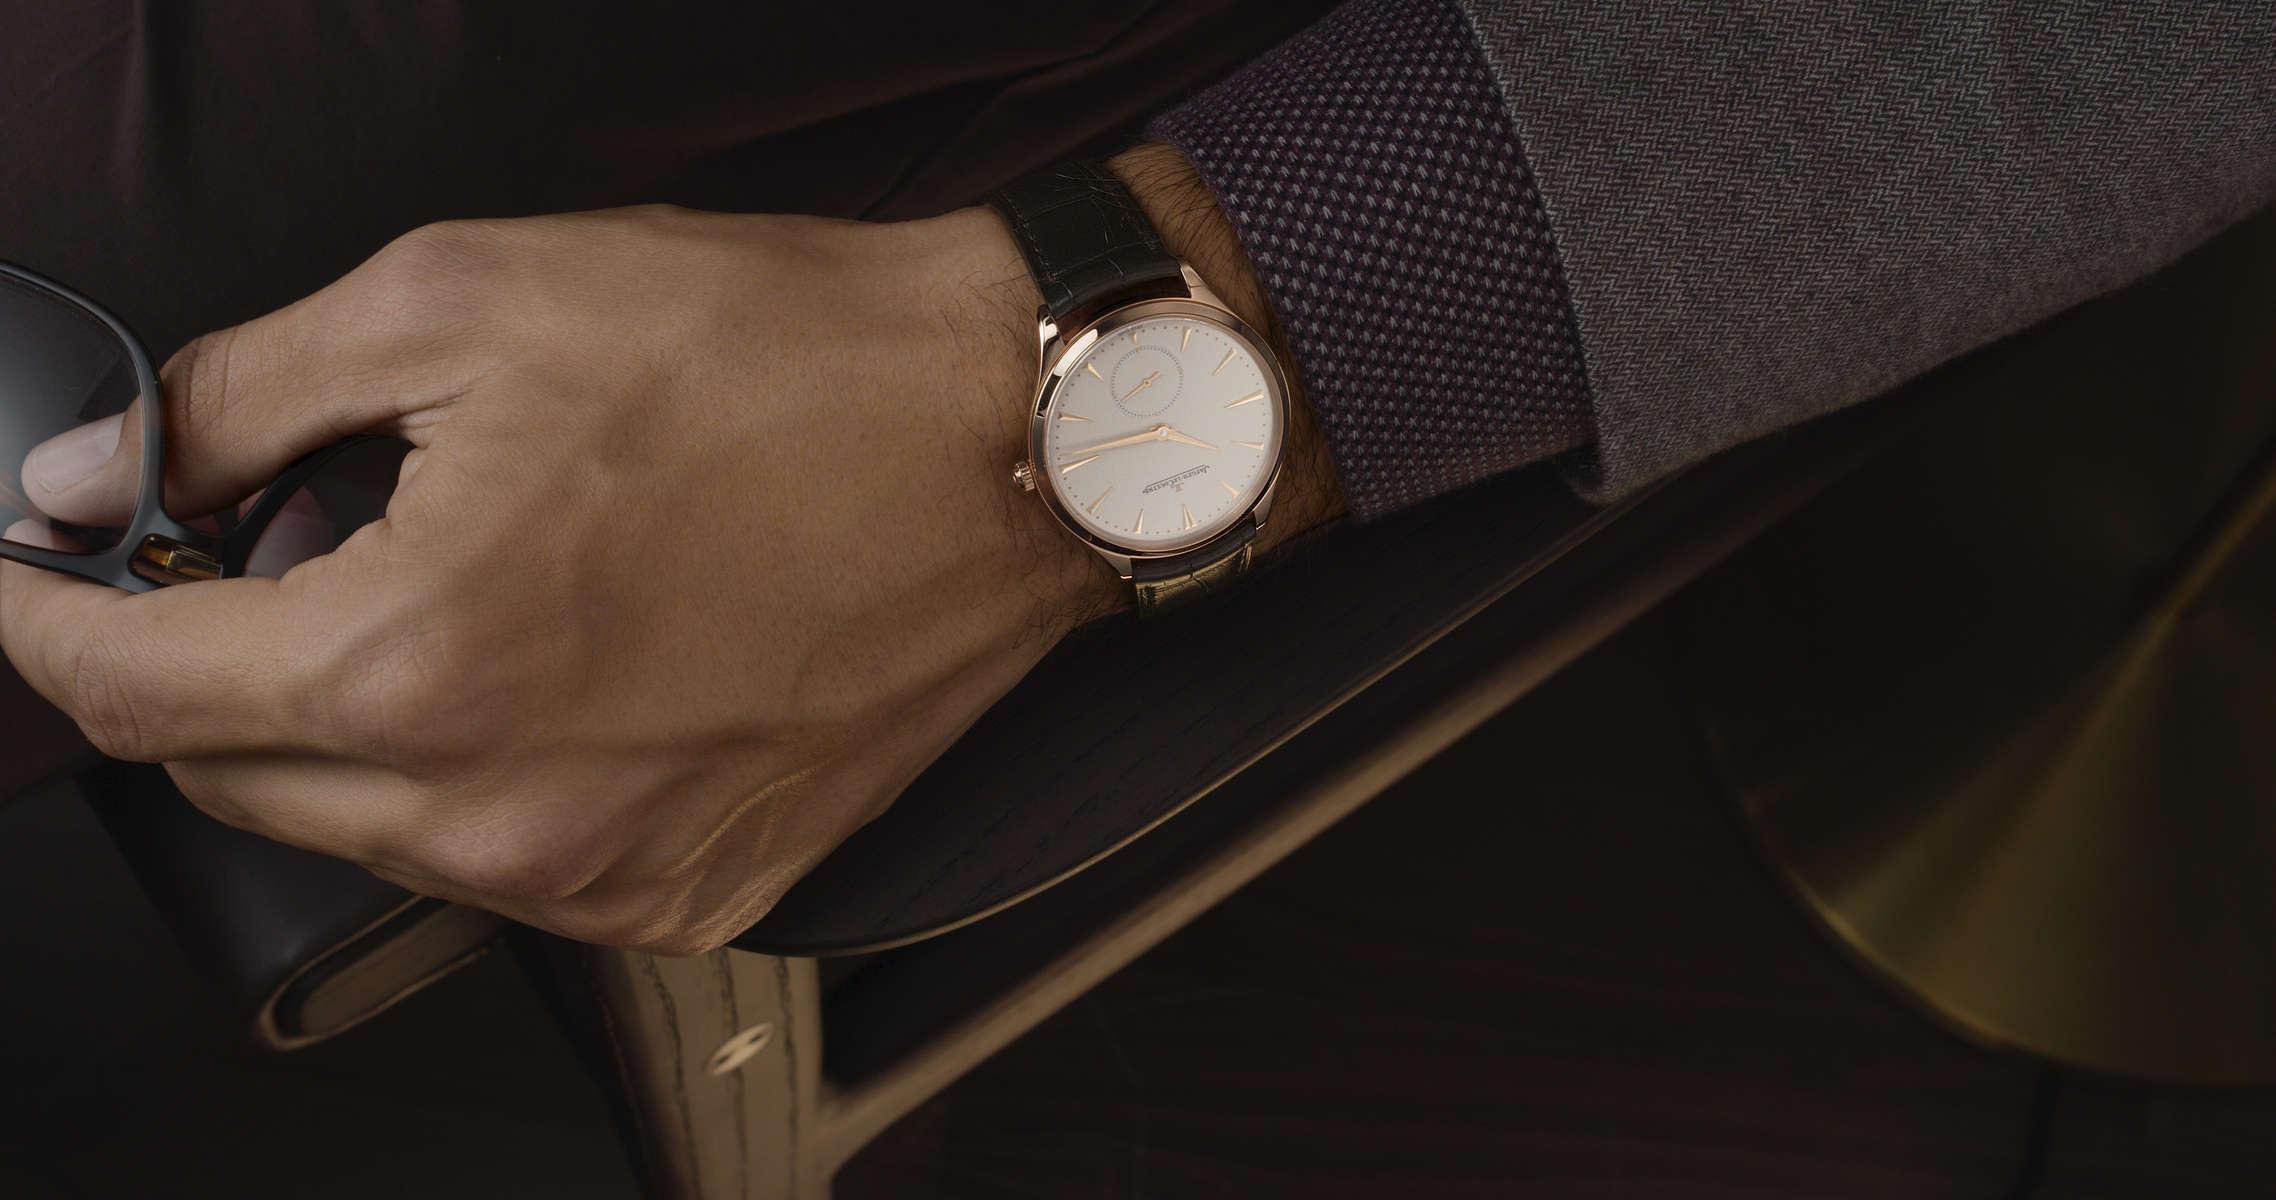 horlogerie #1